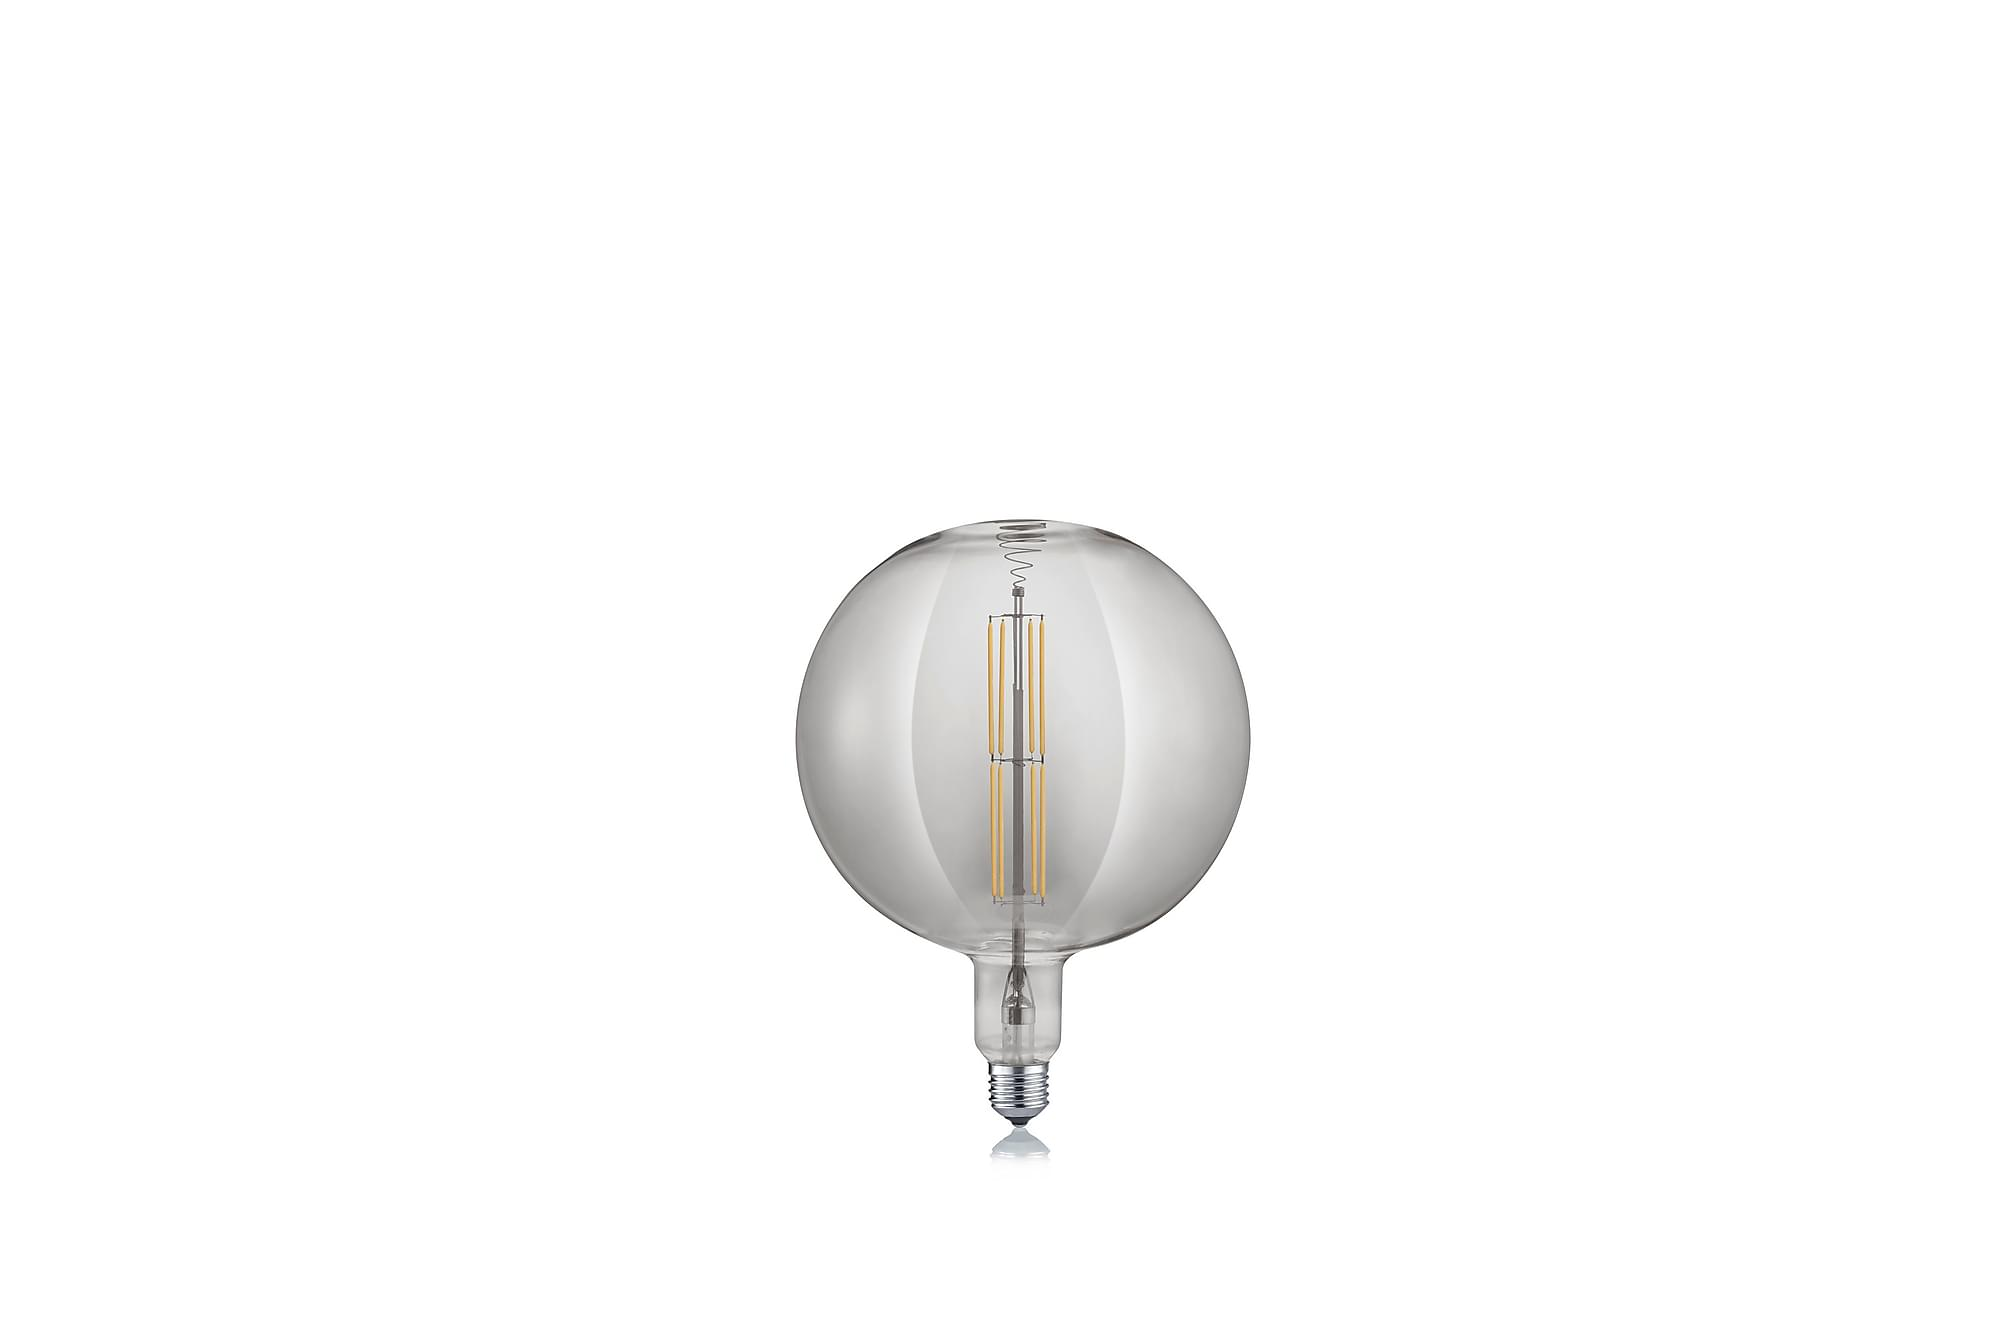 GLOBE Ljuskälla, Glödlampor & ljuskällor